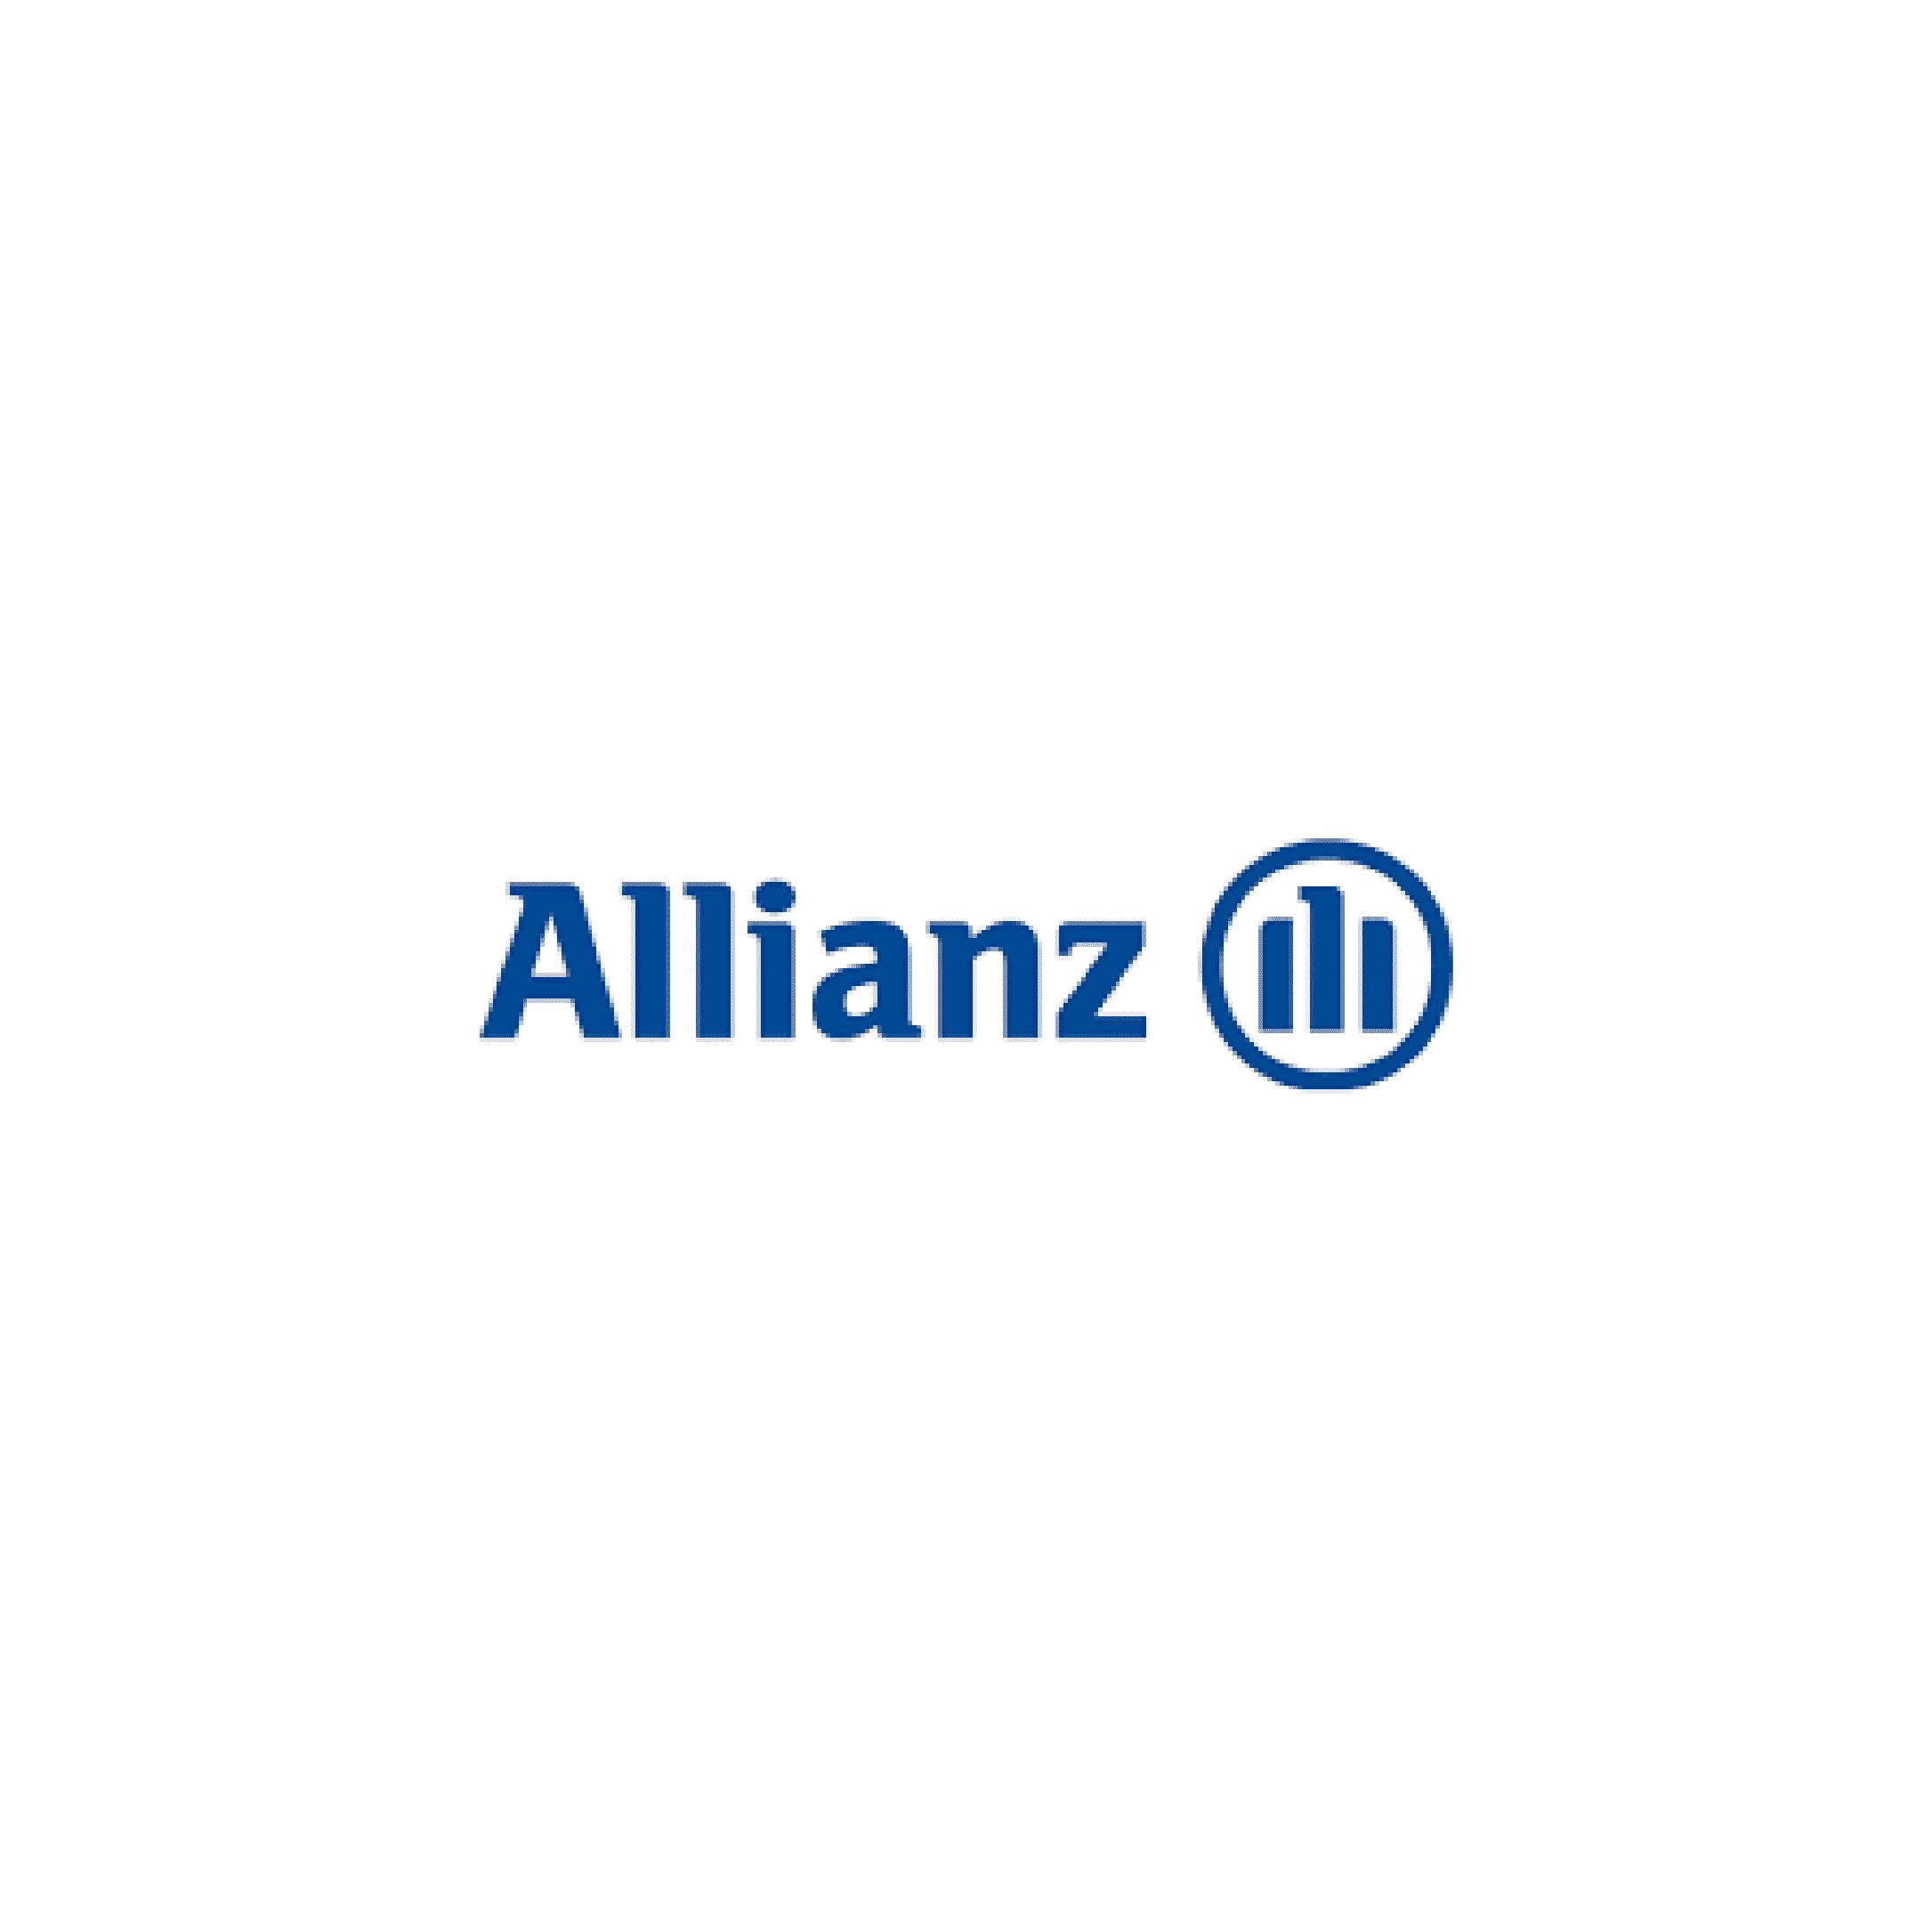 DialOnce-Allianz-Logo-Assurance